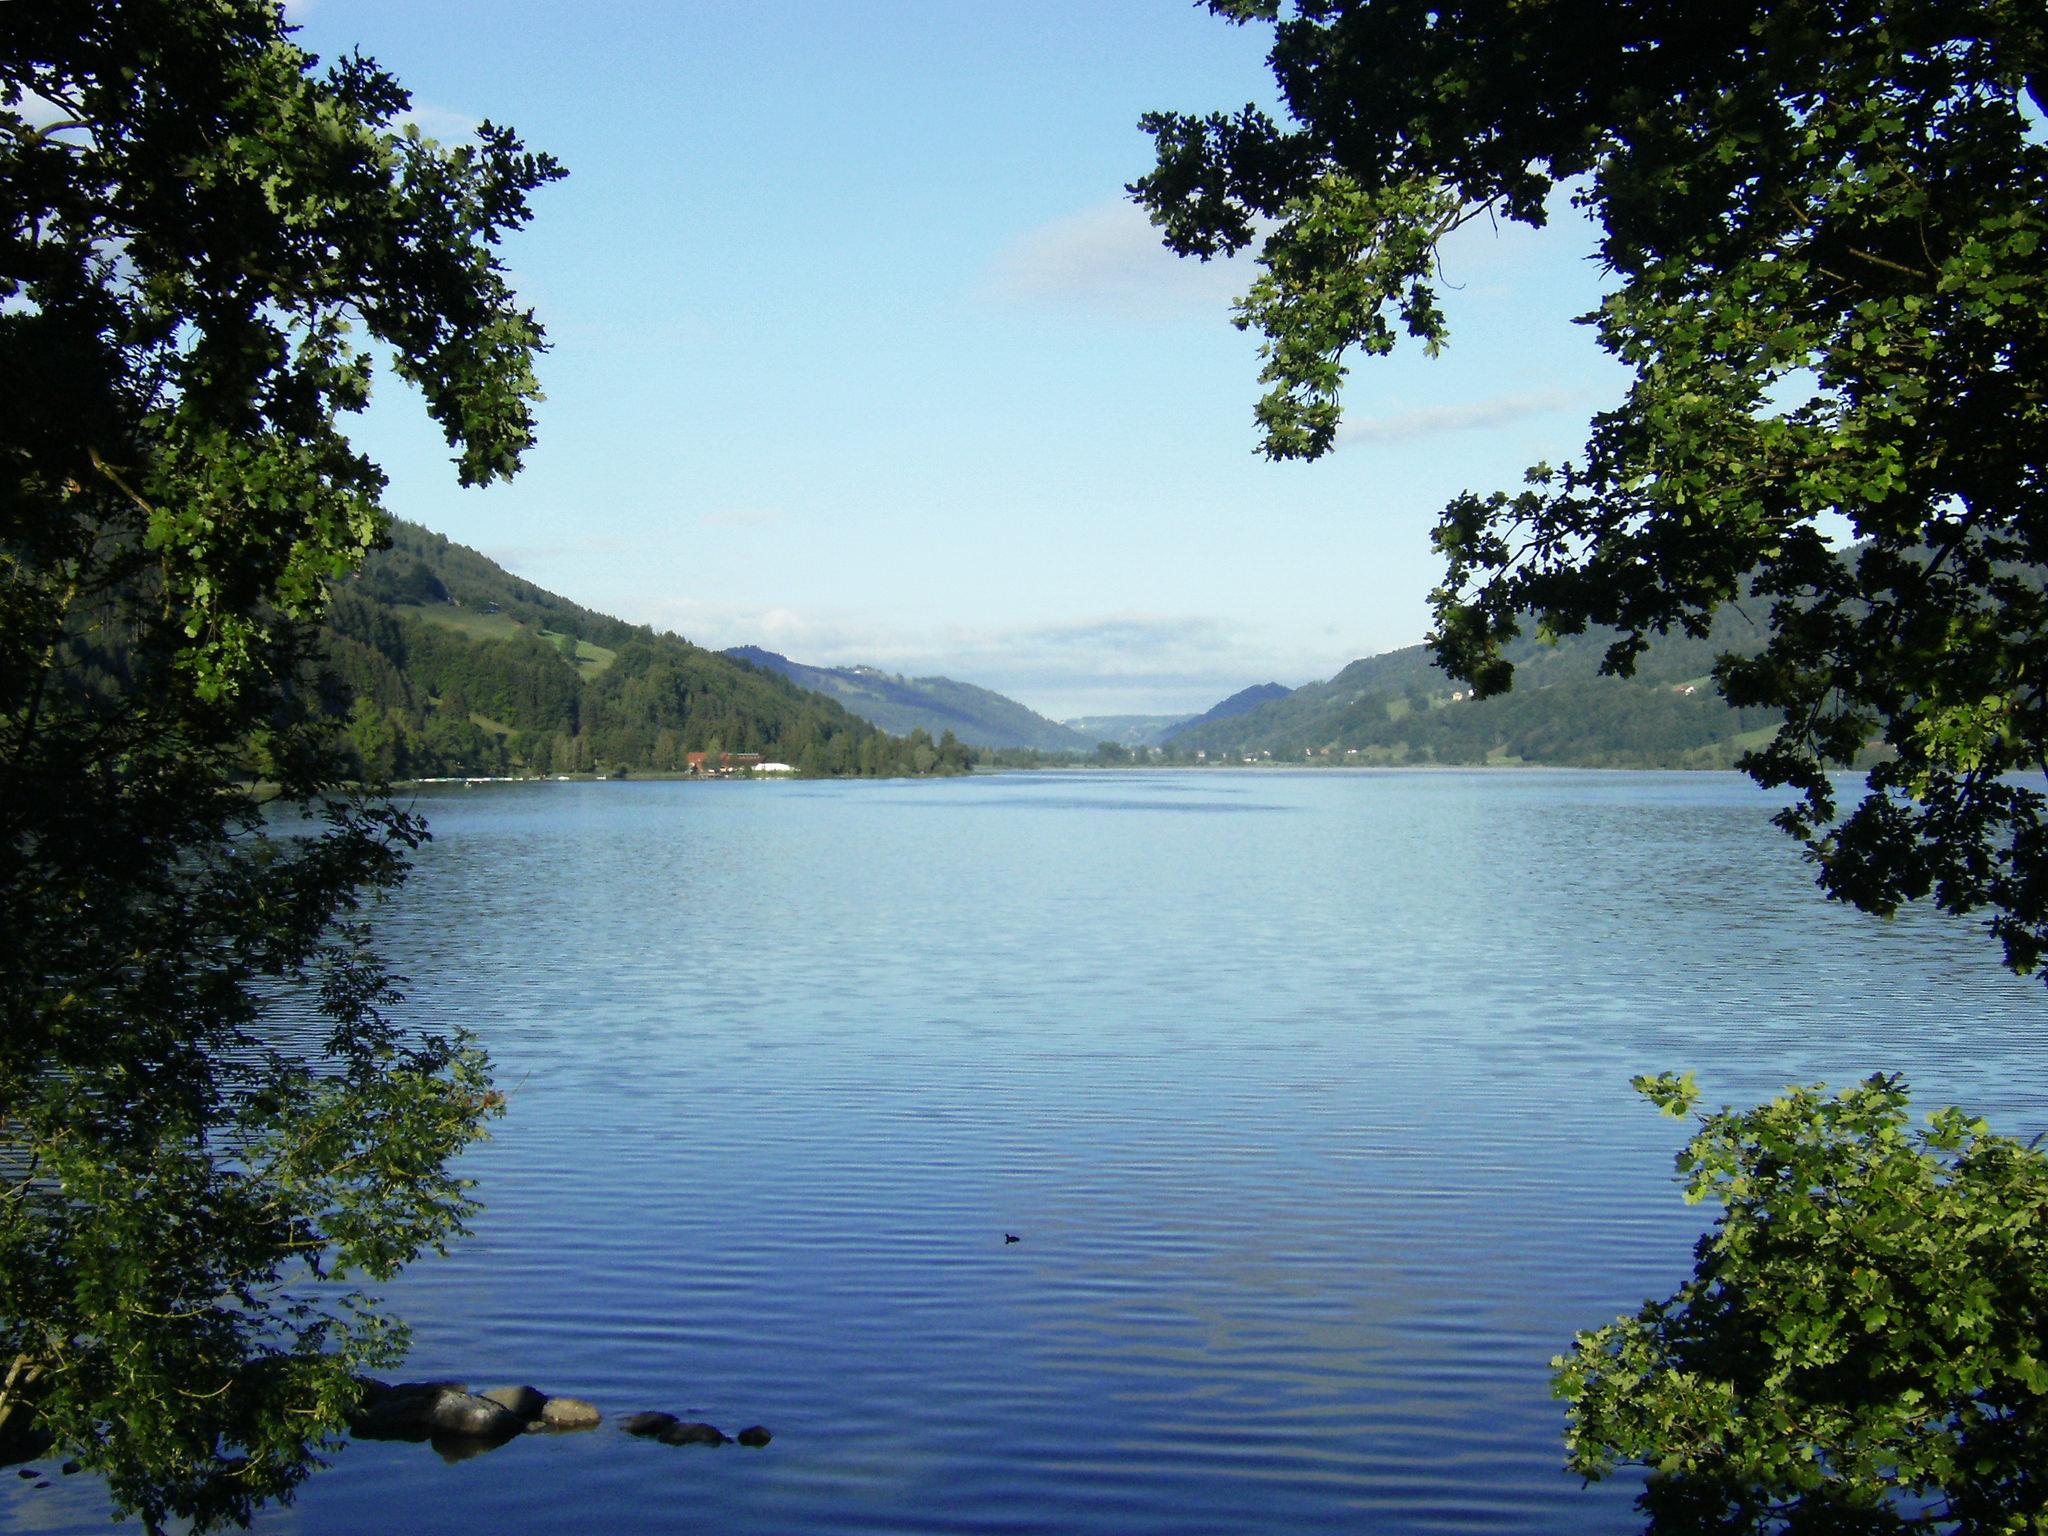 Боденское озеро: достопримечательности, отдых, отзывы туристов, экскурсии, рестораны